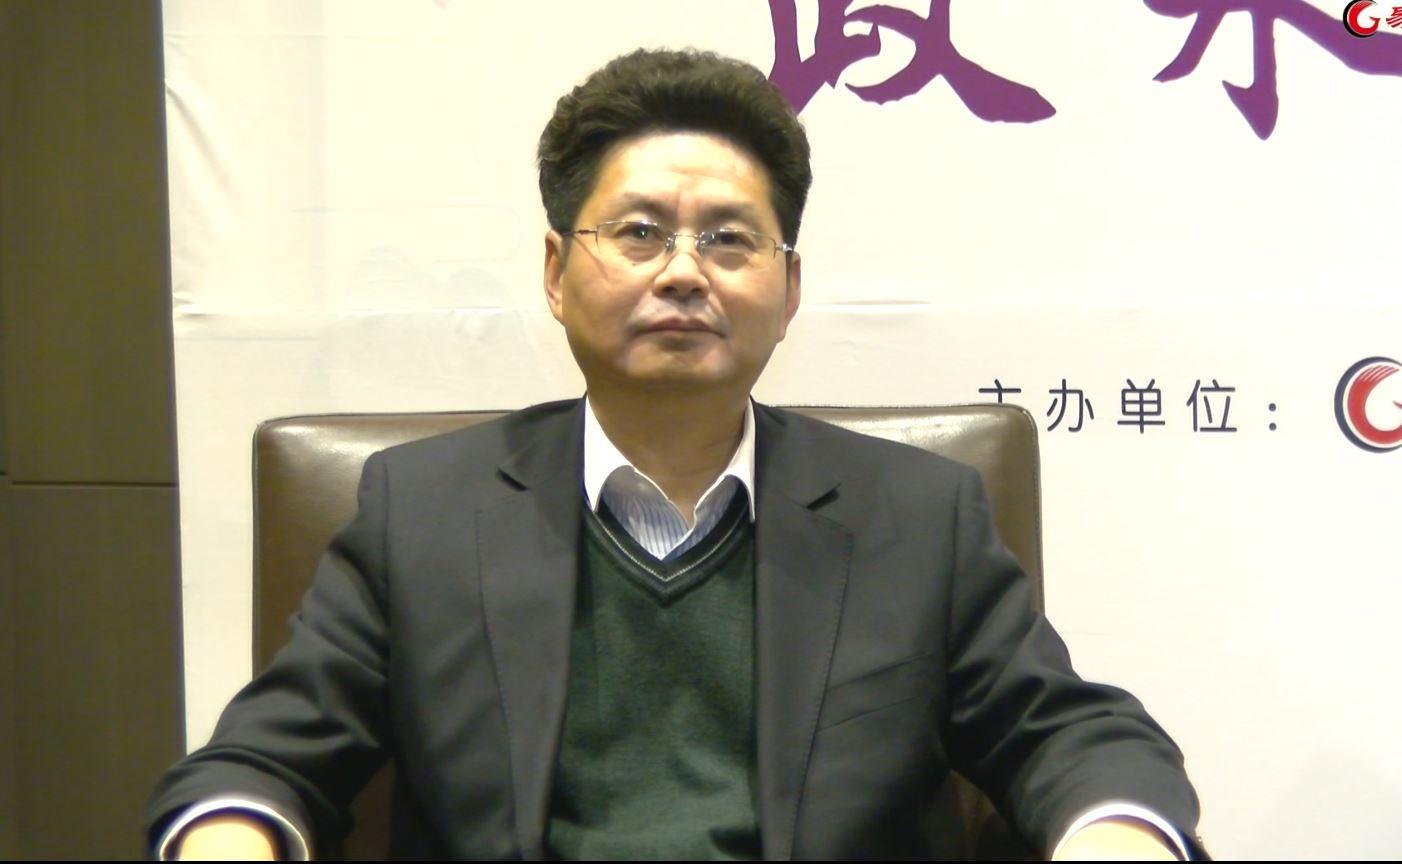 薛子成:我们的事业正年轻 我们的明天会更好